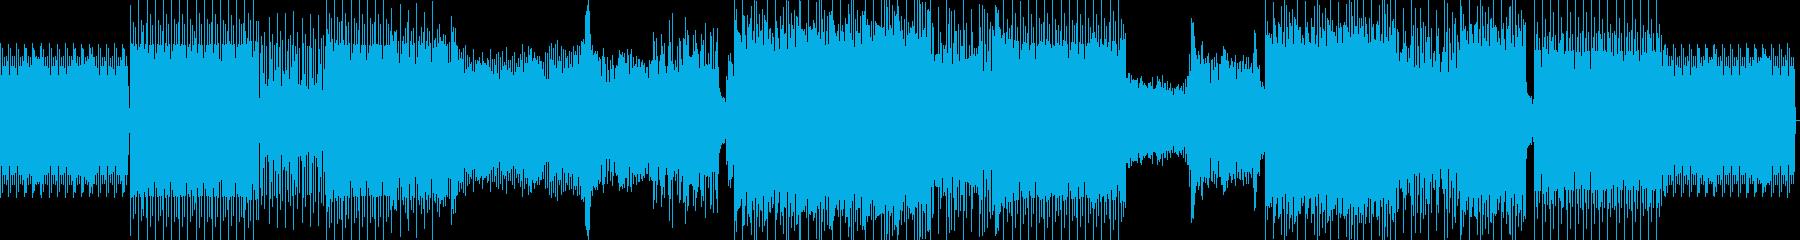 悪、悪、悪の再生済みの波形